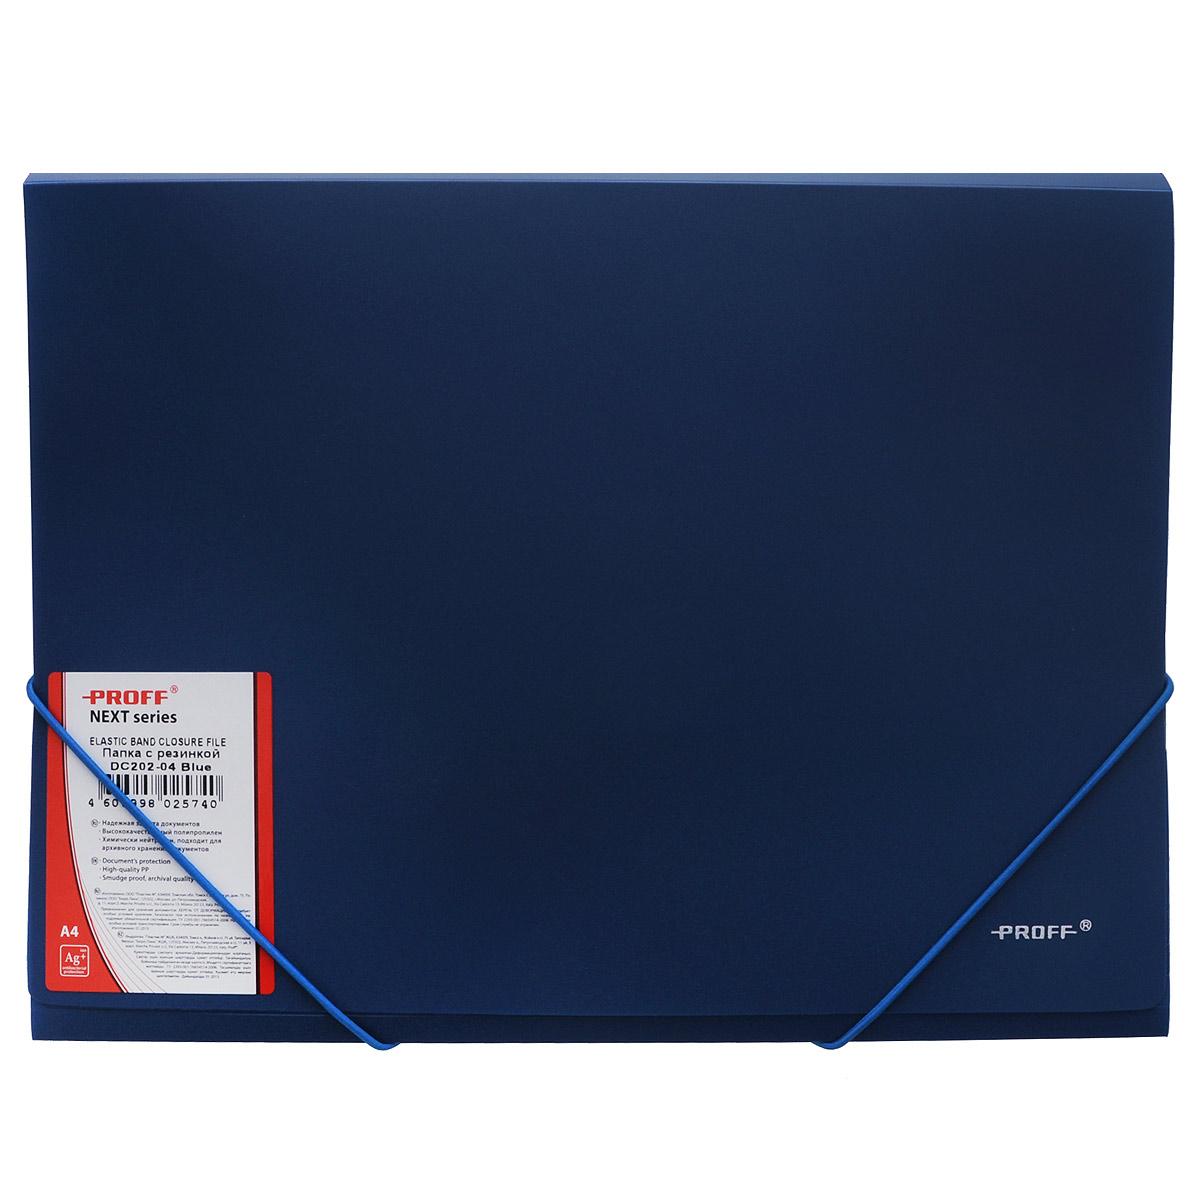 Папка на резинке Proff Next, ширина корешка 20 мм, цвет: синий. Формат А4DC202-04Папка на резинке Proff Next - это удобный и функциональный офисный инструмент, предназначенный для хранения и транспортировки рабочих бумаг и документов формата А4.Папка изготовлена из износостойкого высококачественного полипропилена. Внутри папка имеет три клапана, что обеспечивает надежную фиксацию бумаг и документов.Папка - это незаменимый атрибут для студента, школьника, офисного работника. Такая папка надежно сохранит ваши документы и сбережет их от повреждений, пыли и влаги.